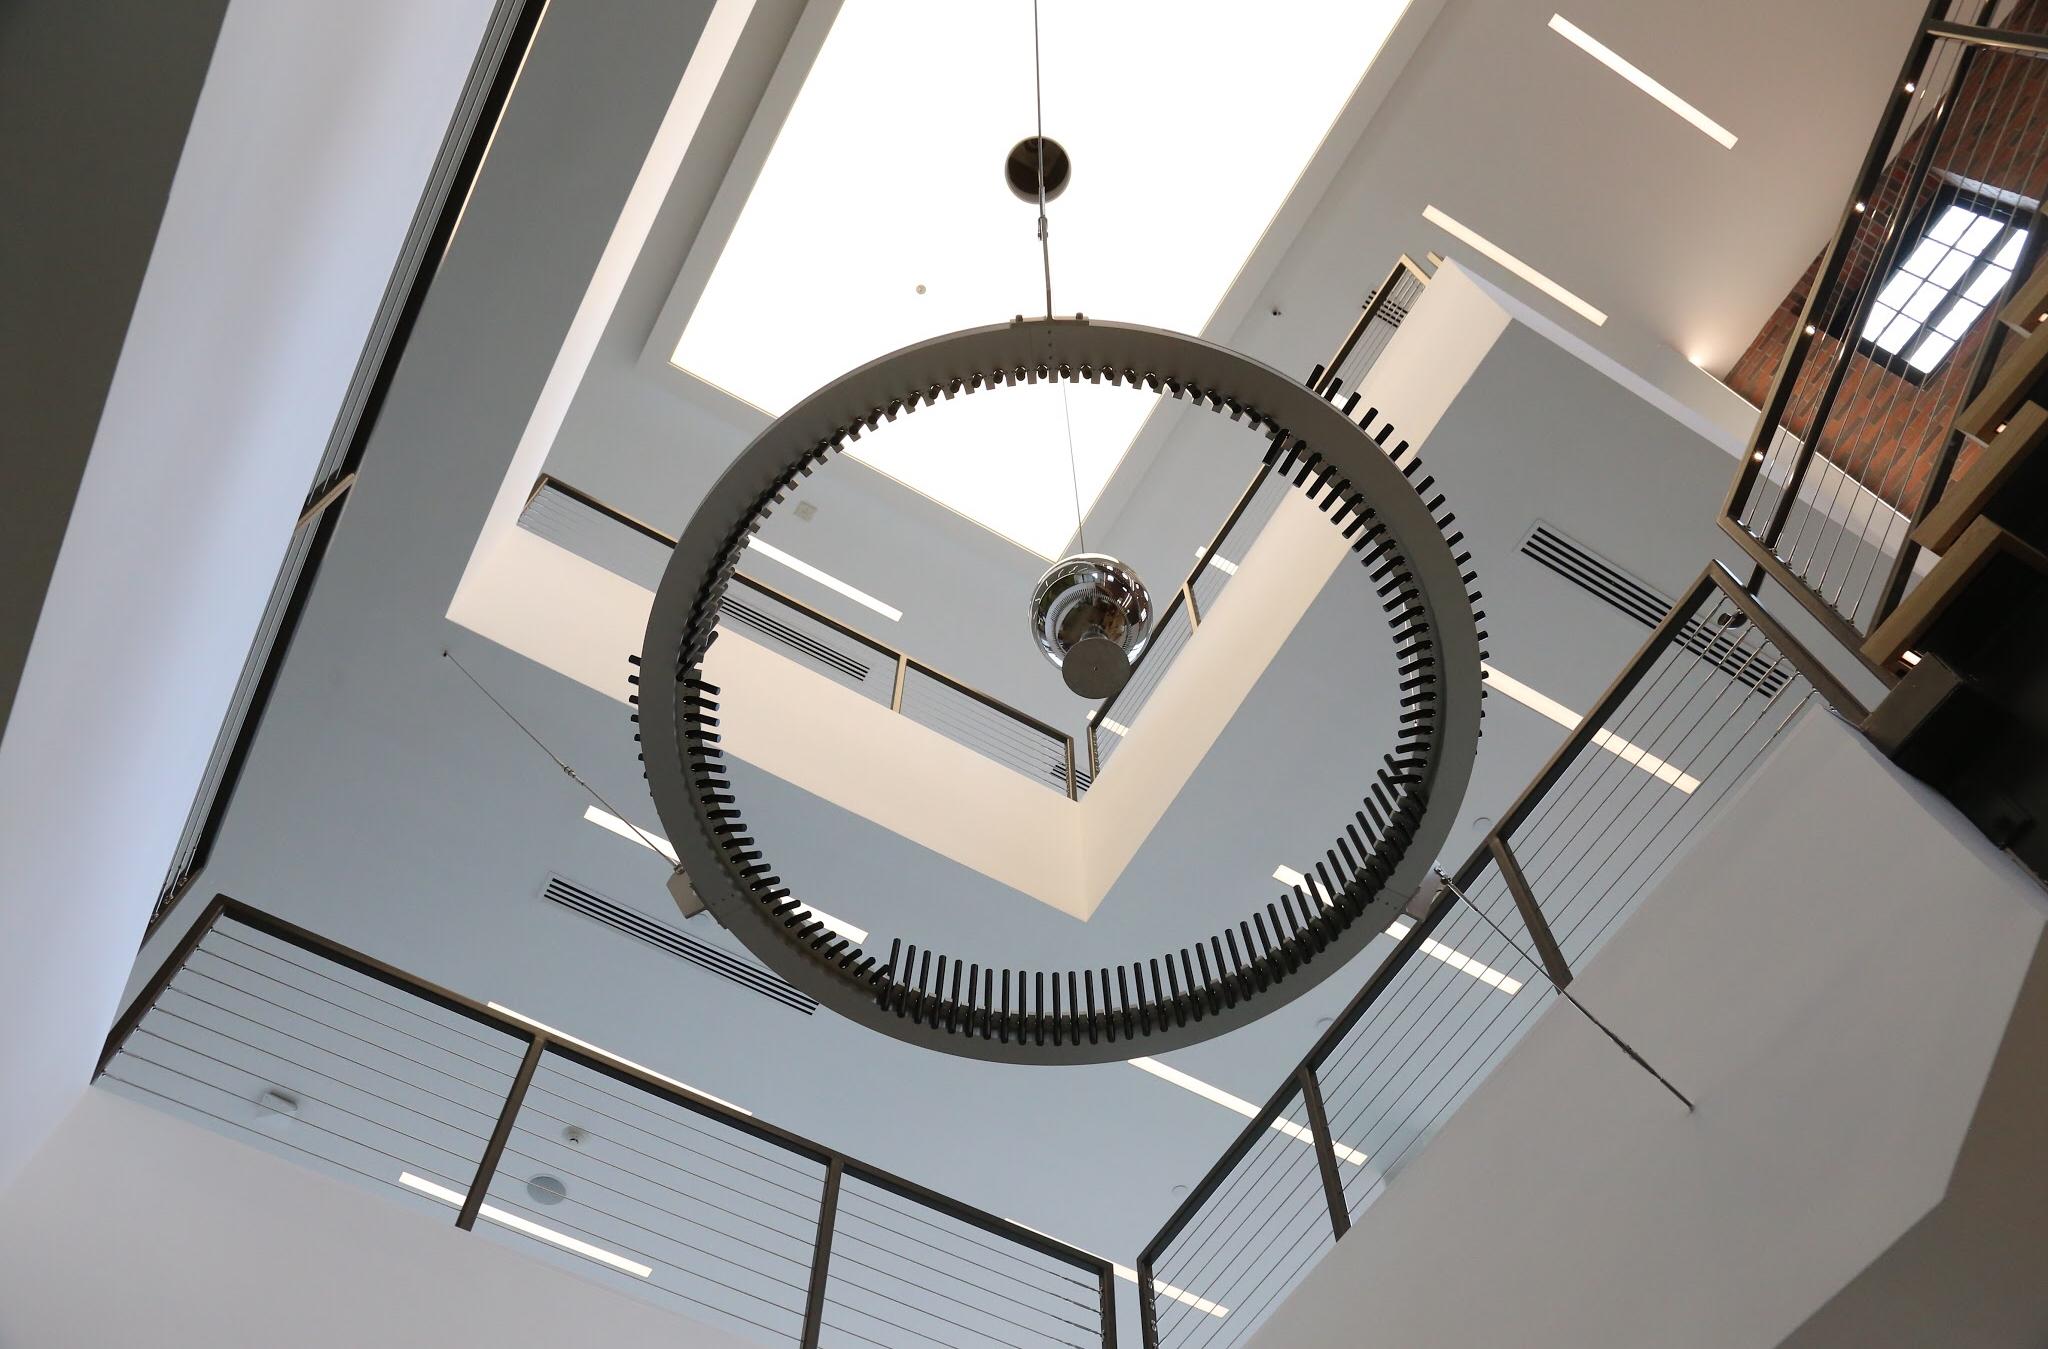 interior railings birmingham al allen iron works.htm s chstarmac com 2020 05 15 change for change students raise  s chstarmac com 2020 05 15 change